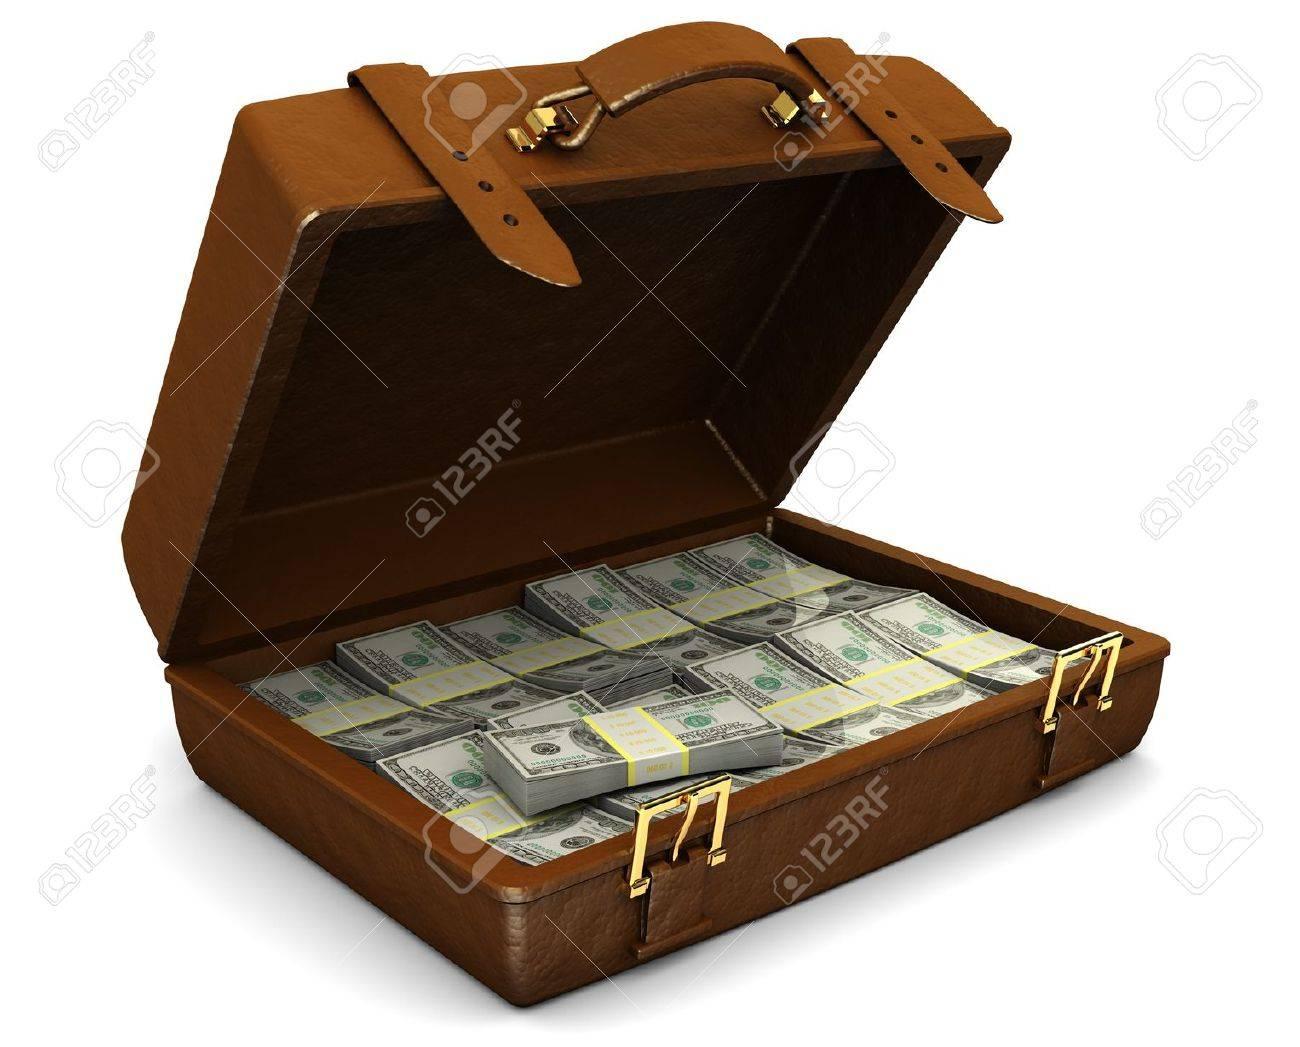 3d illustration of leather case full of money, over white background Stock Illustration - 8103534